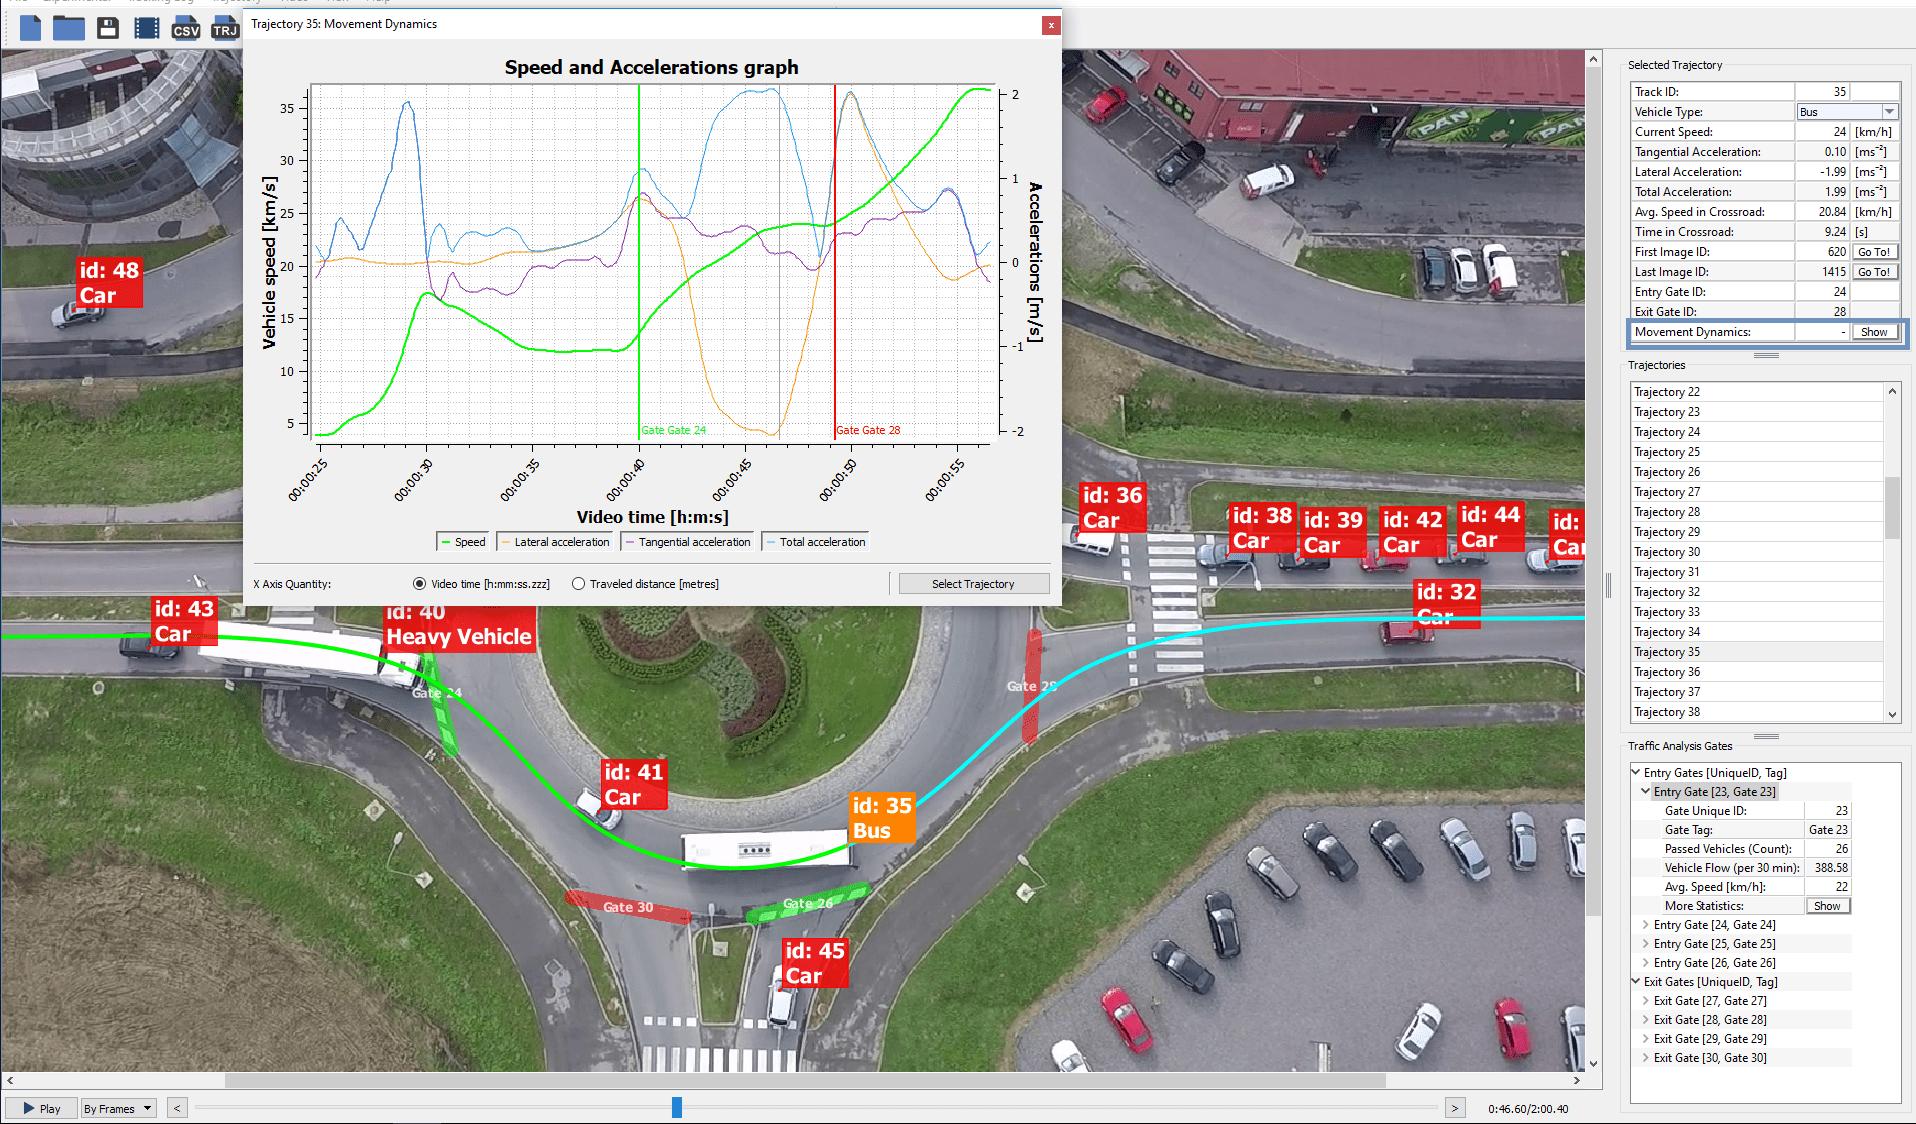 dfs aktualita movement dynamics graph